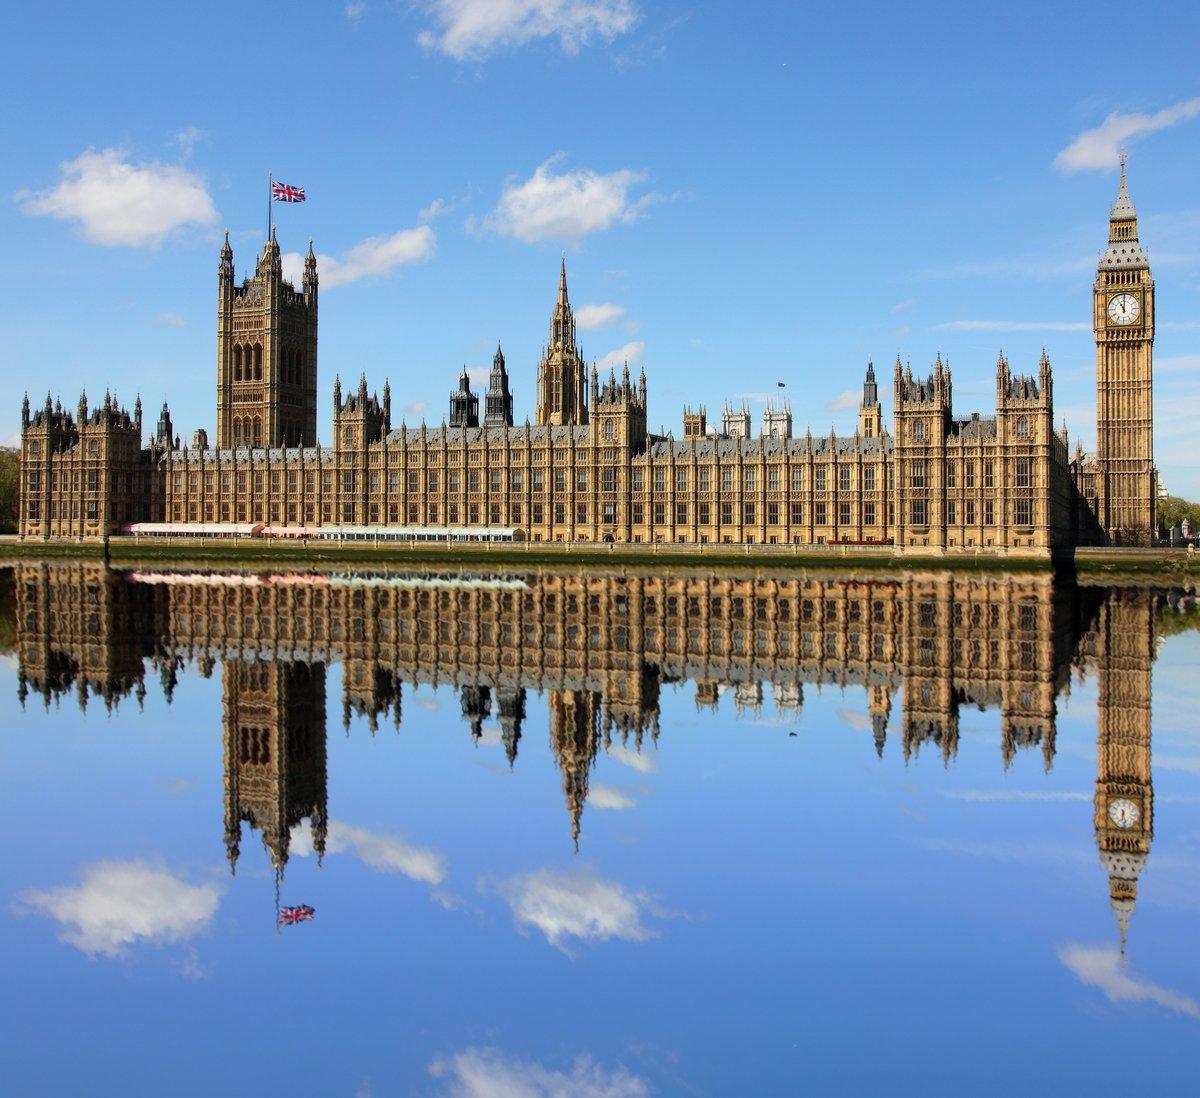 Постер Лондон Здание парламента и Биг Бэн, Вестминстер, Лондон.Лондон<br>Постер на холсте или бумаге. Любого нужного вам размера. В раме или без. Подвес в комплекте. Трехслойная надежная упаковка. Доставим в любую точку России. Вам осталось только повесить картину на стену!<br>